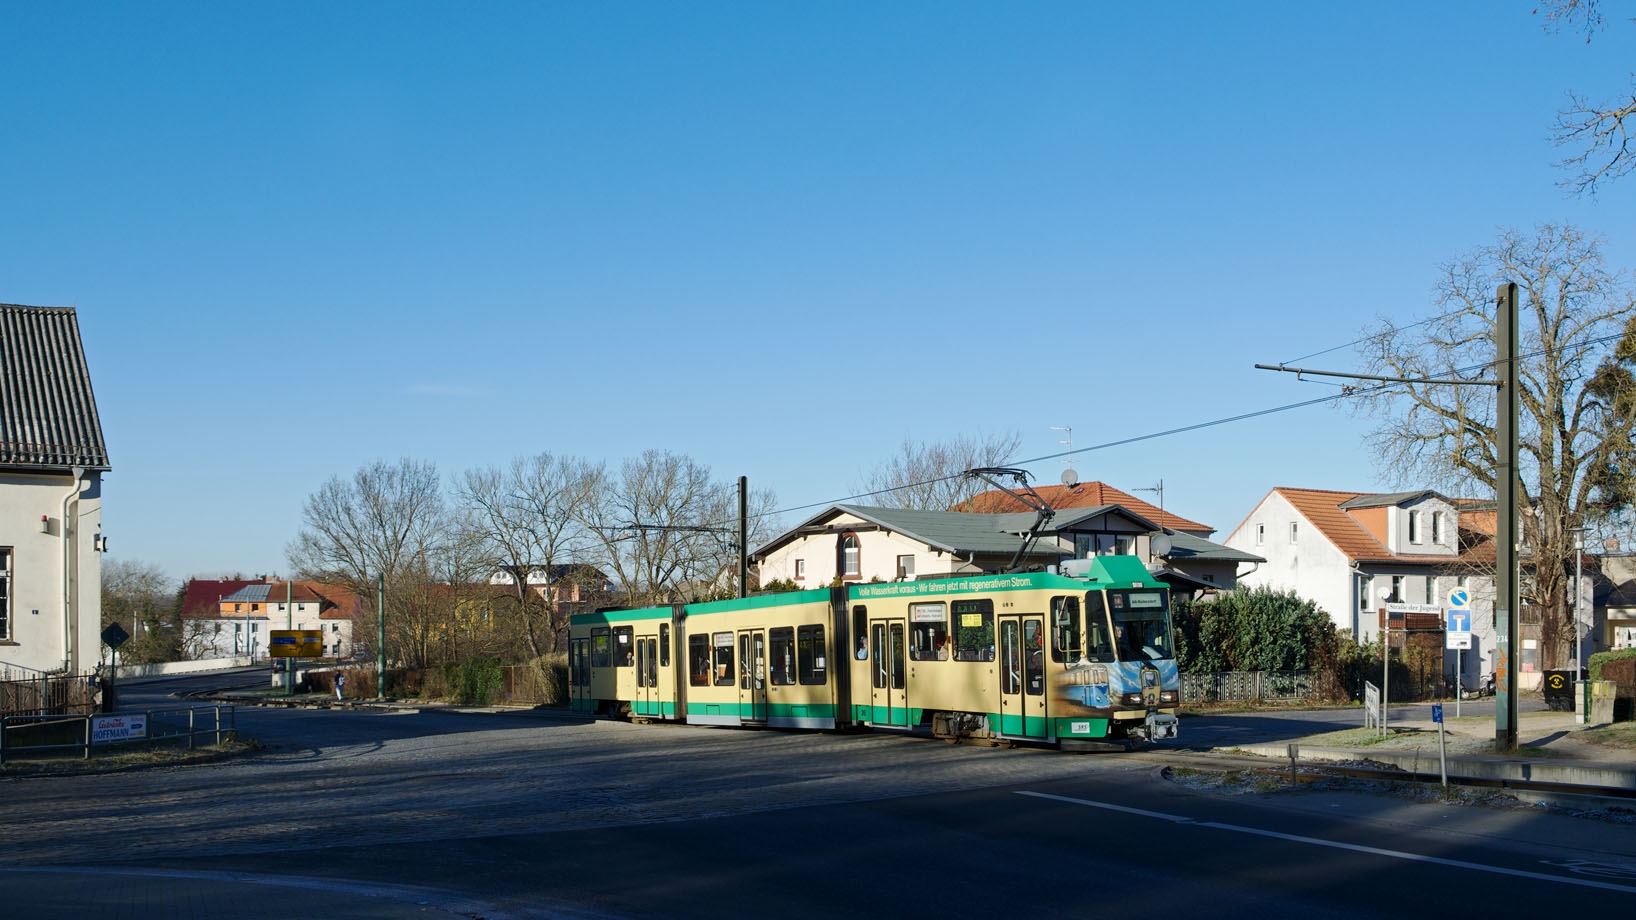 http://www.wortundgestalt-webservices.de/foren/dso/tram_88/_D789701.jpg